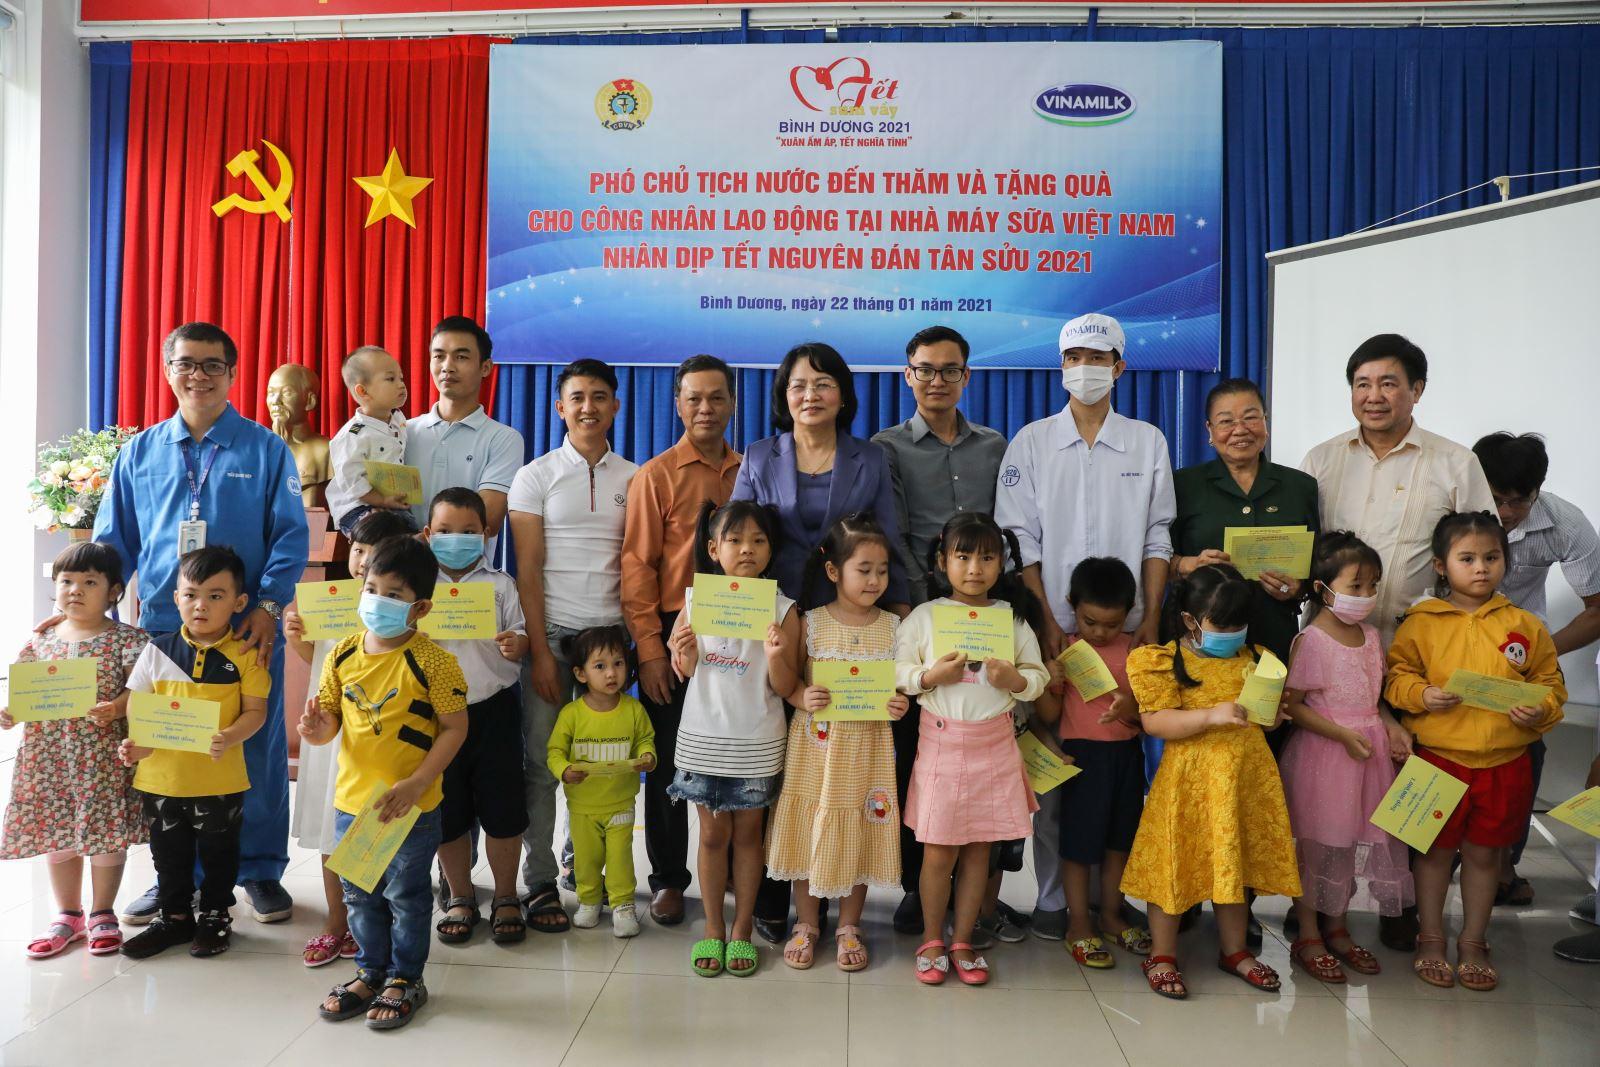 Phó Chủ tịch nước đánh giá cao công tác chăm sóc người lao động của Vinamilk